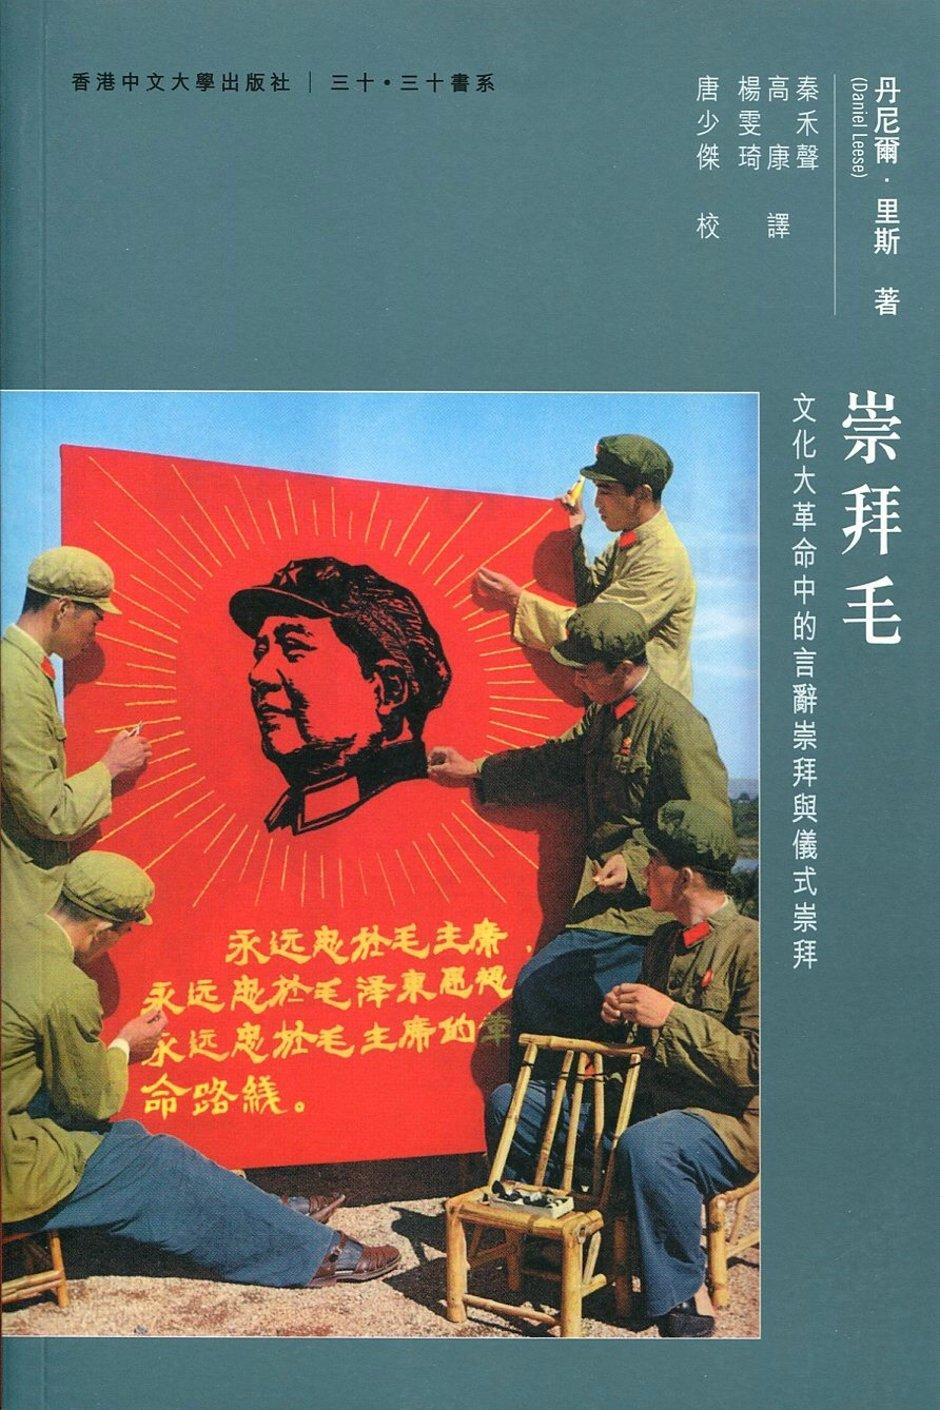 崇拜毛:中國文化大革命中的言辭崇拜與儀式崇拜